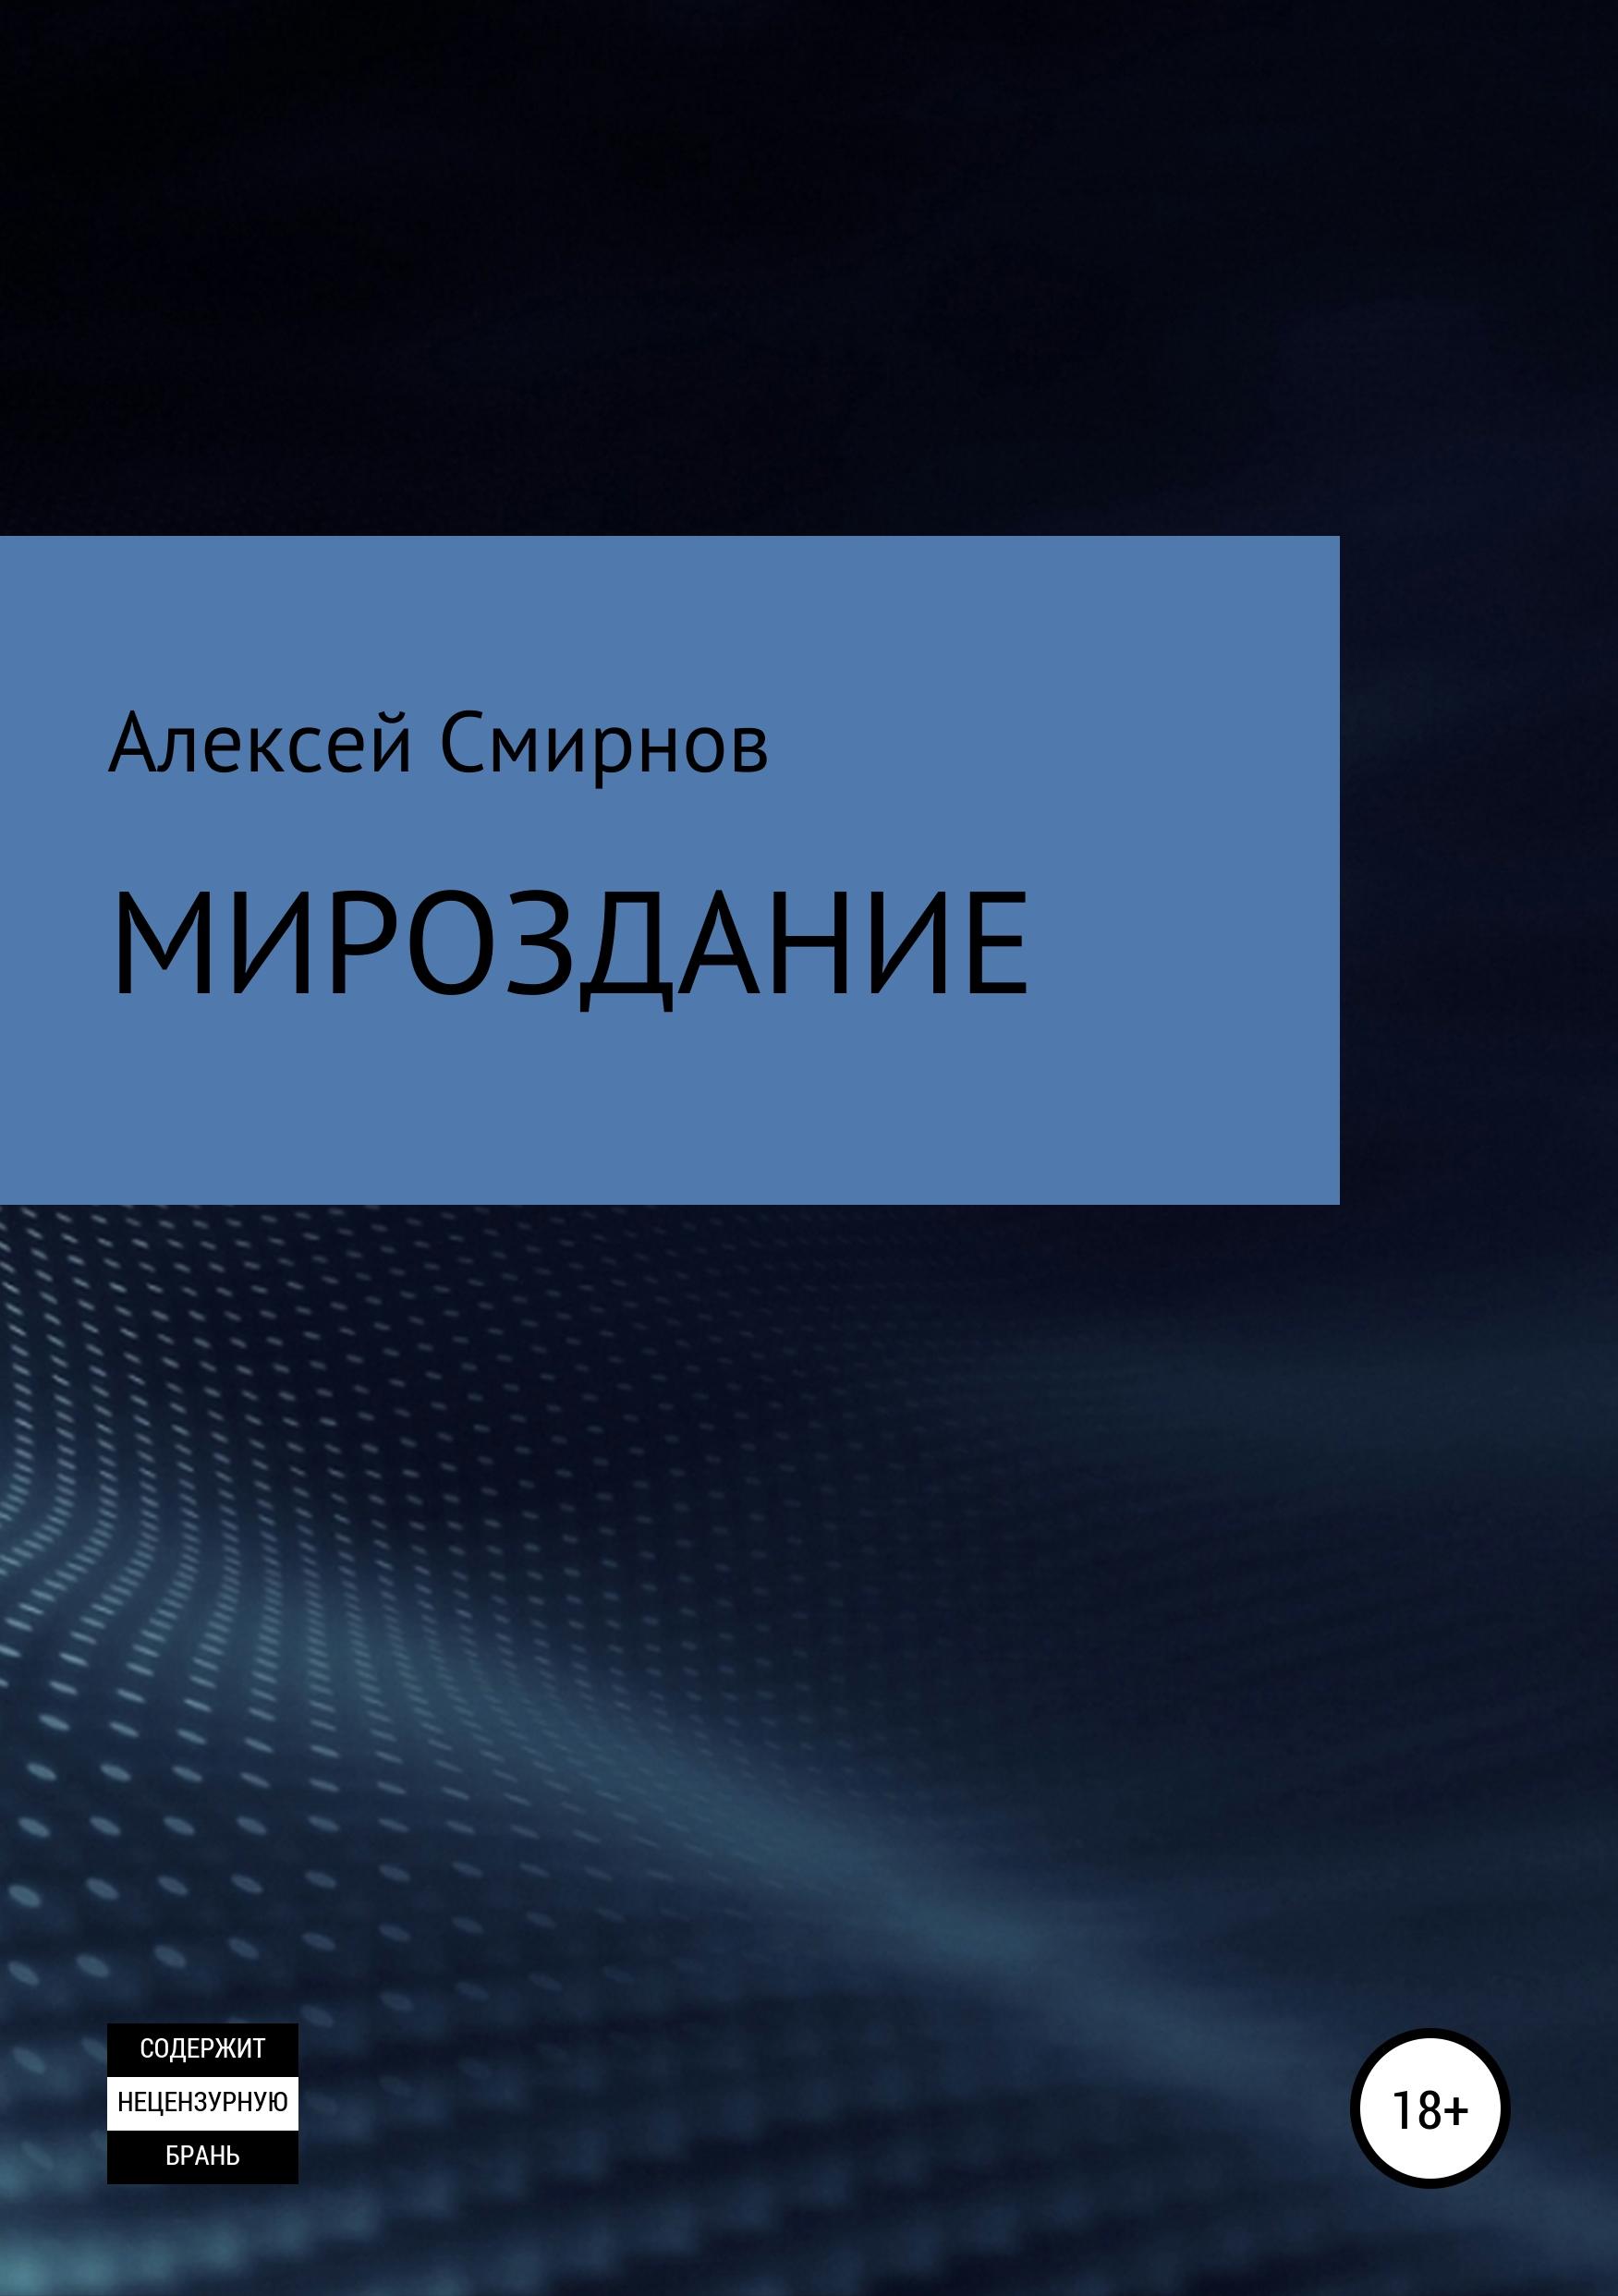 Купить книгу Мироздание, автора Алексея Викторовича Смирнова